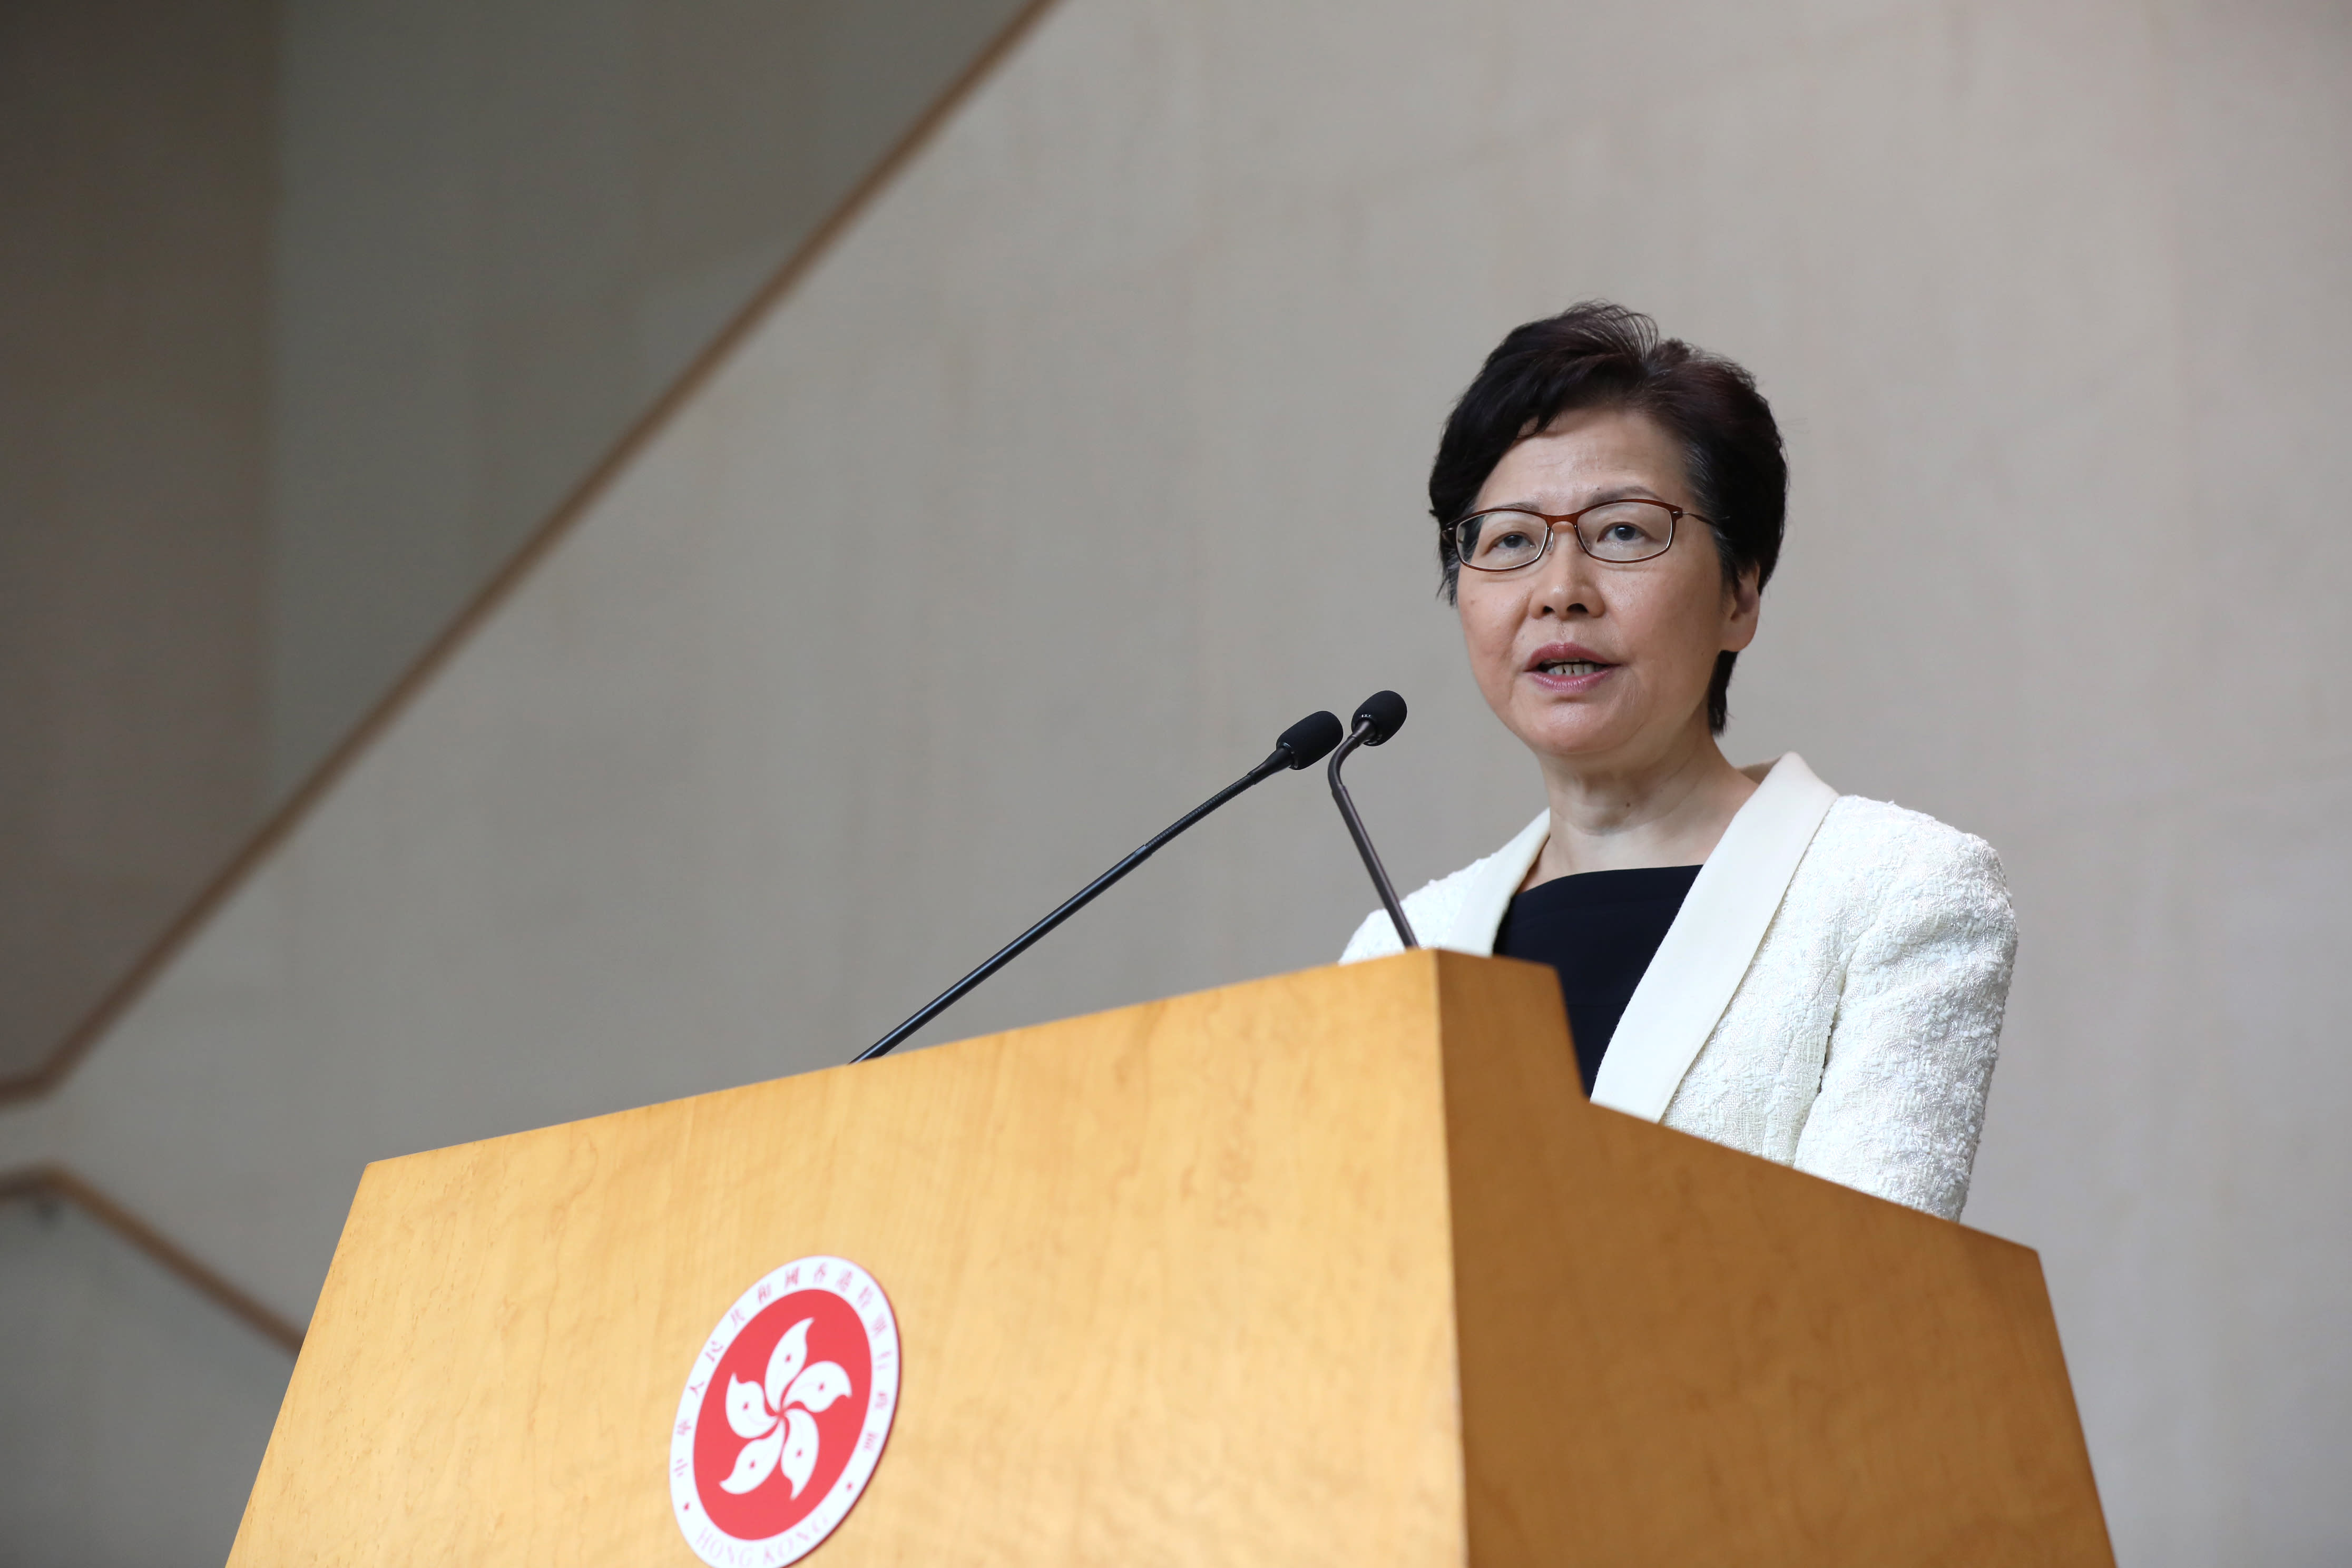 Chinese economy, Chinese Yuan, HONG KONG, protests, trade war, u.s vs china, usdollar,